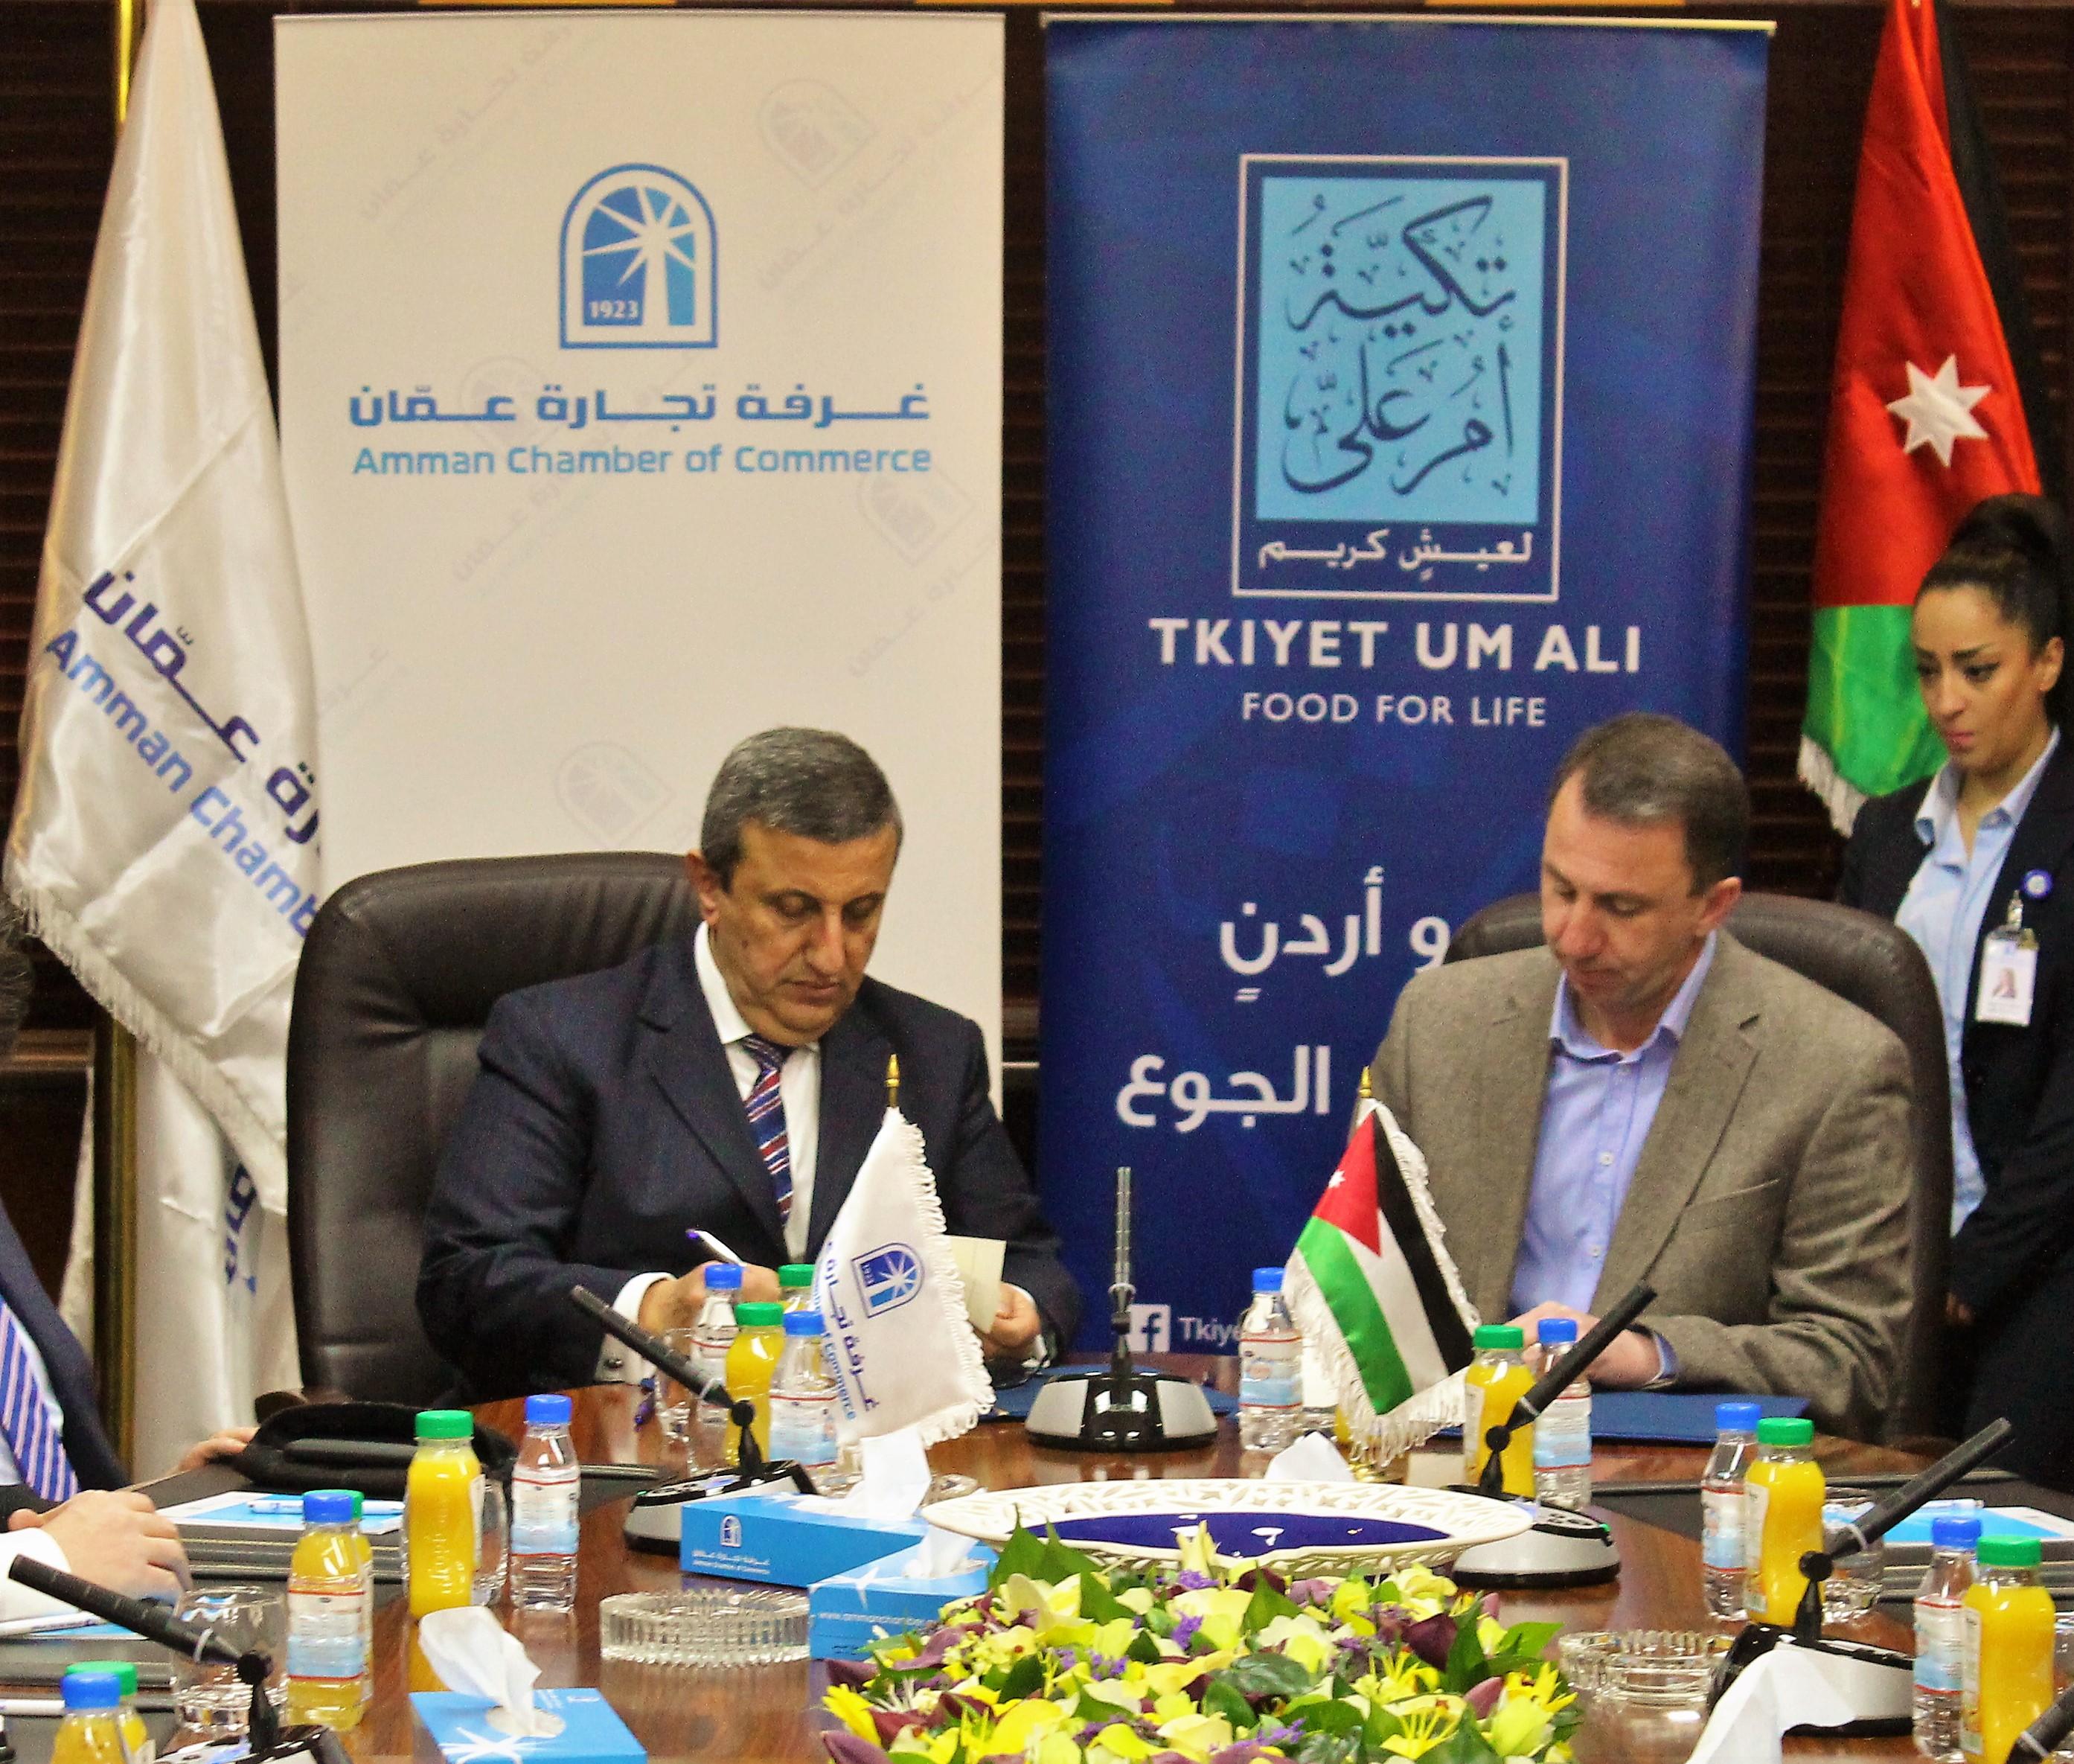 غرفة تجارة عمان توقع إتفاقية شراكة مع تكية أم علي